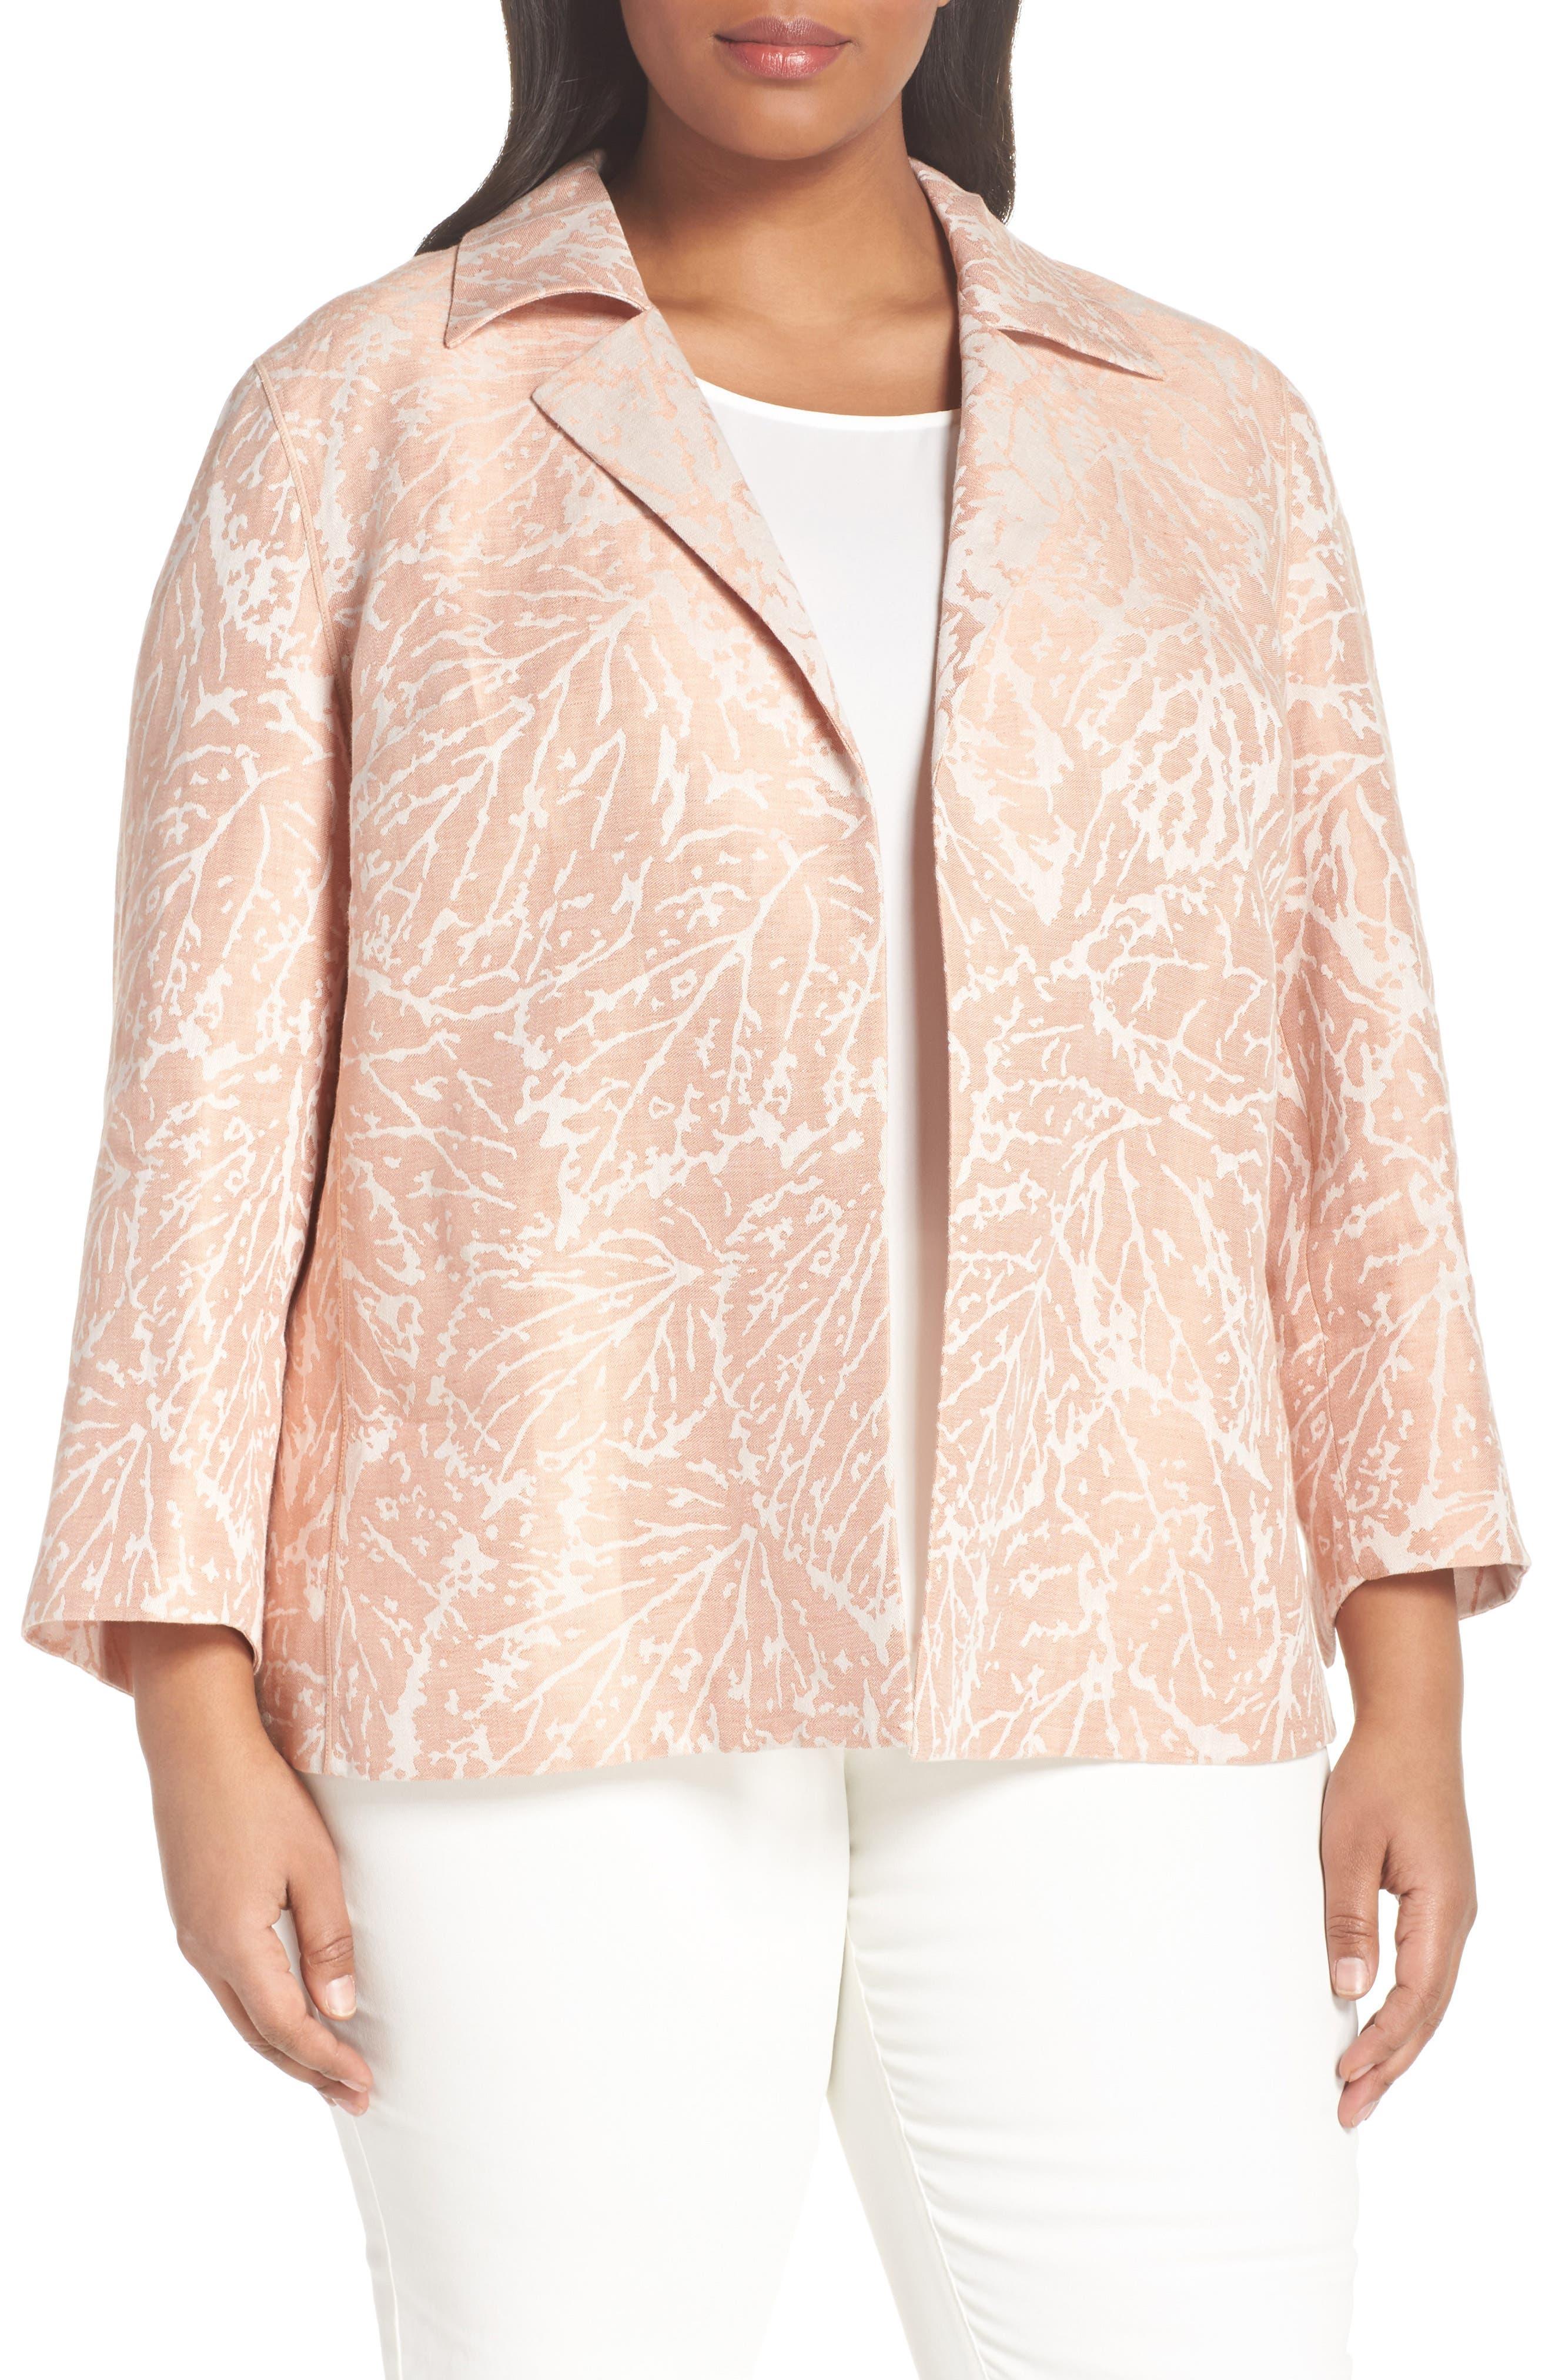 Phillipe Linen Jacket,                             Main thumbnail 1, color,                             Rose Quartz Multi